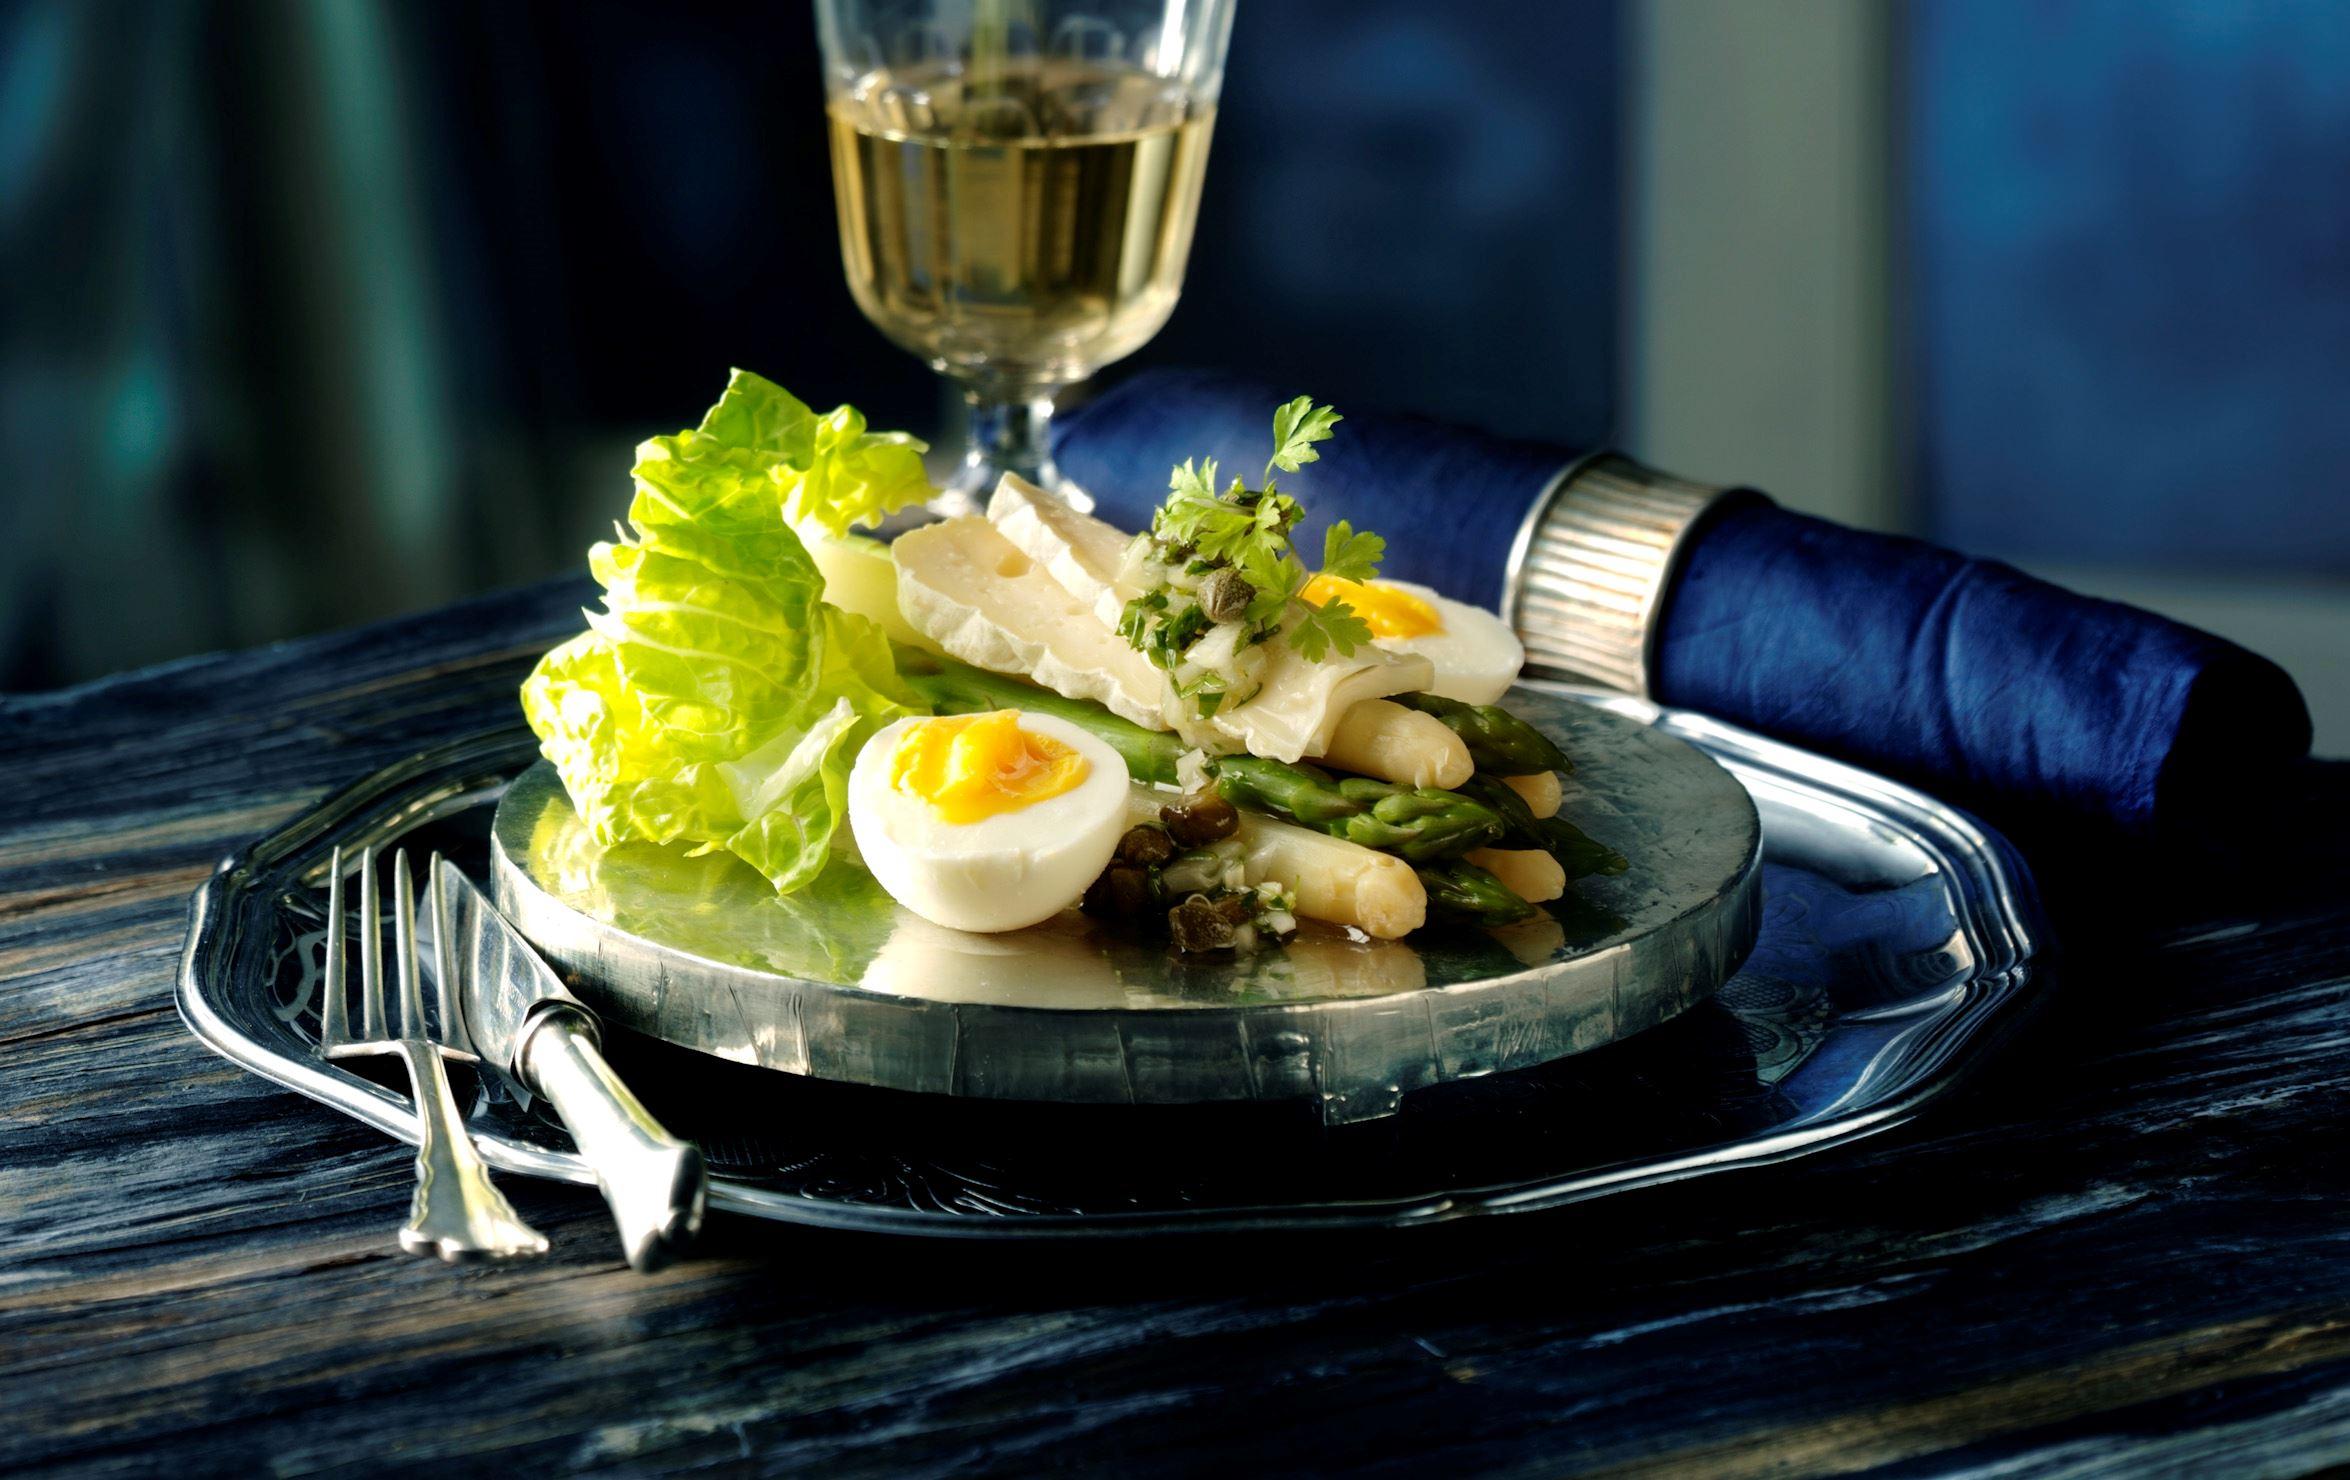 Asparges med vinaigrette og ost